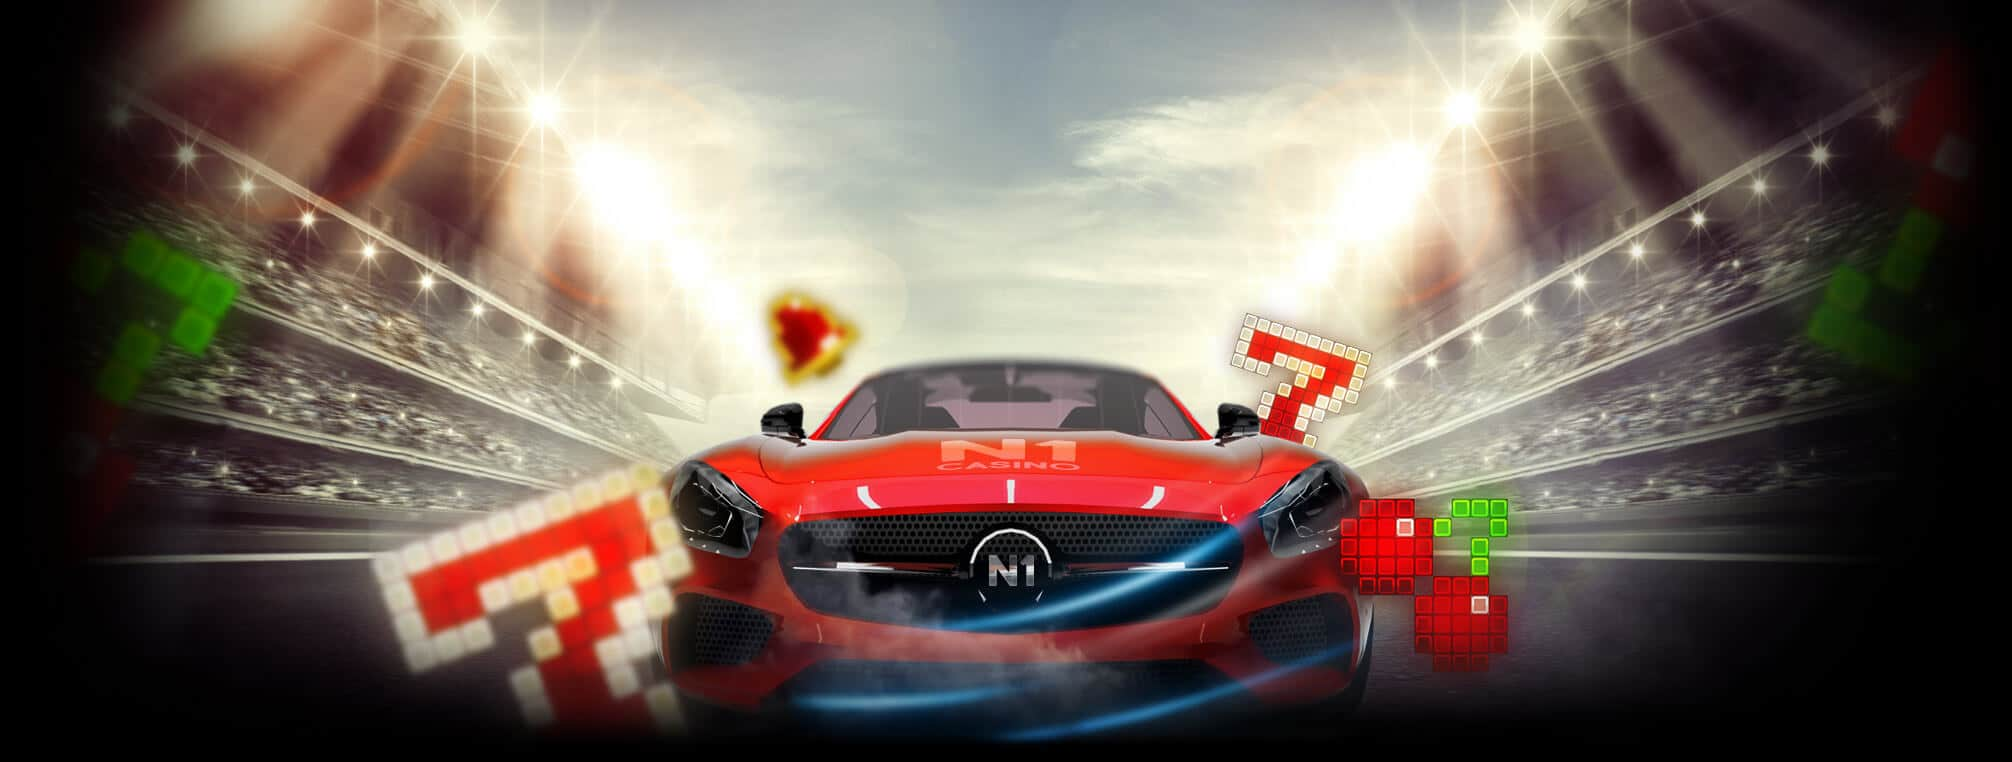 N1 casino auto